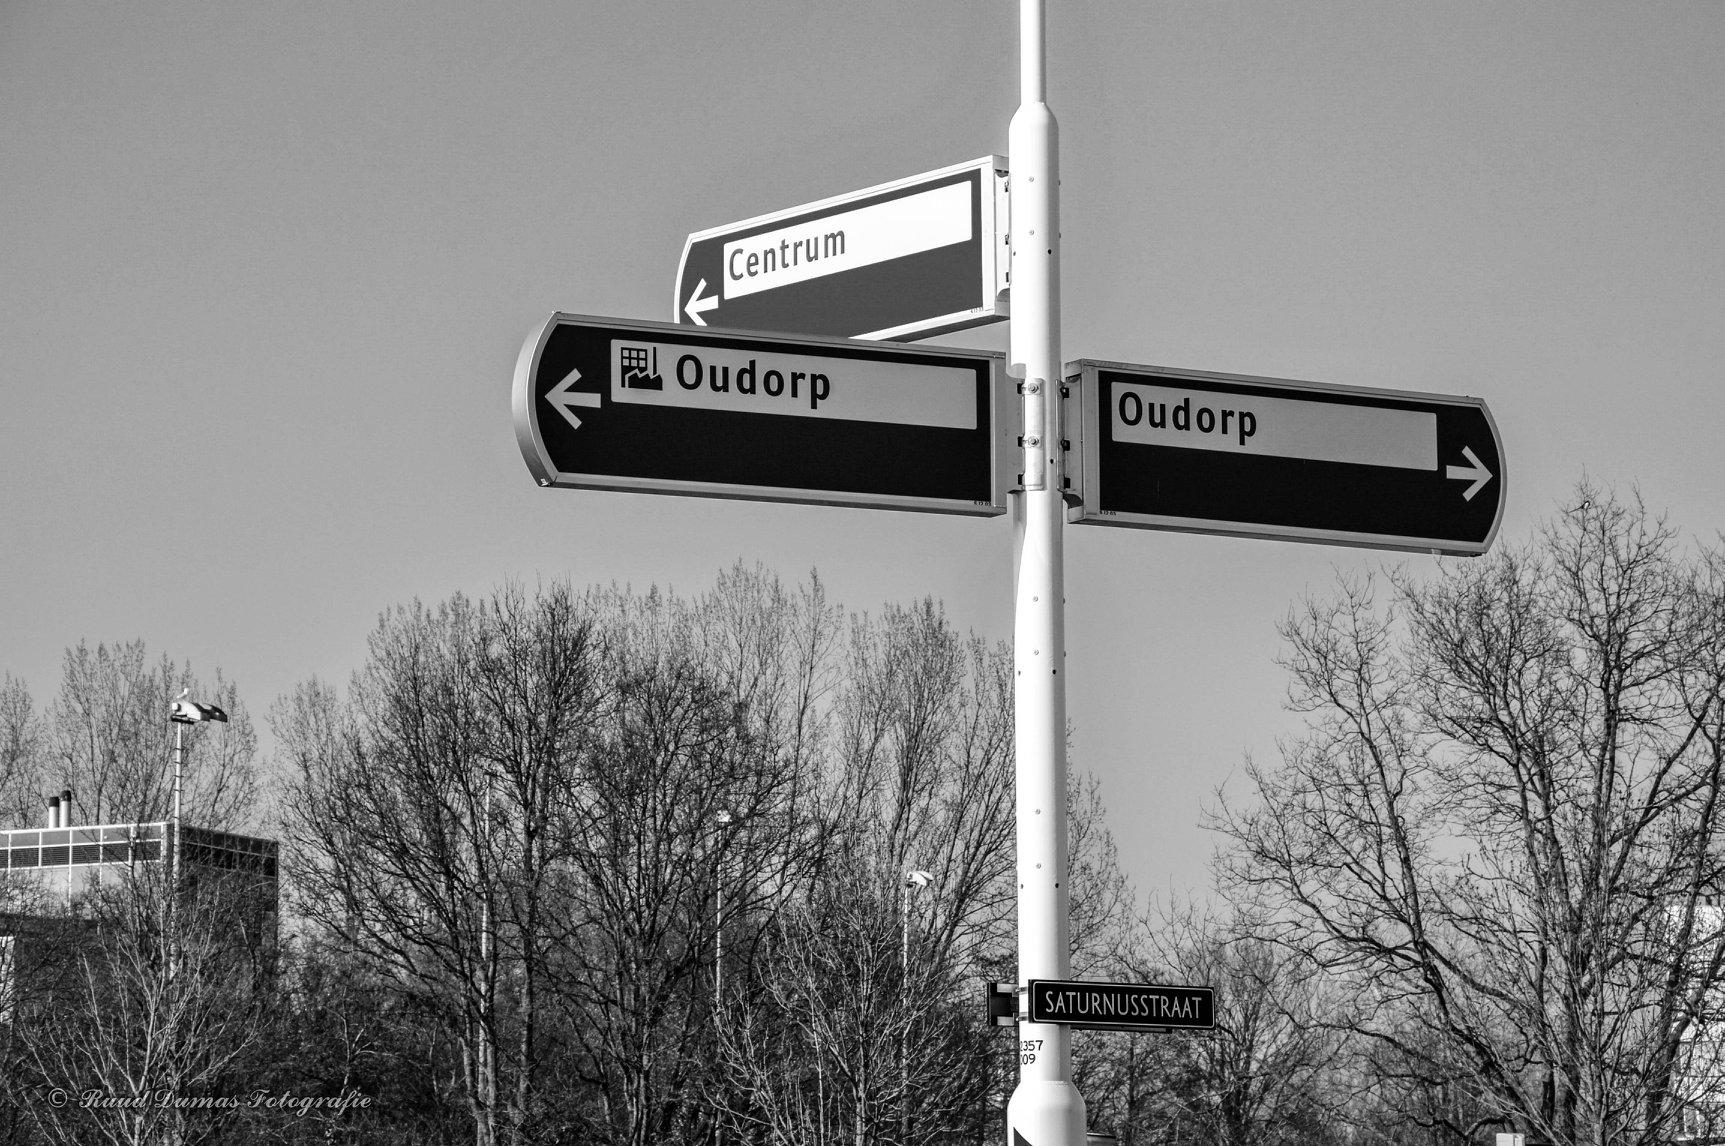 New signage - by Ruud Dumas